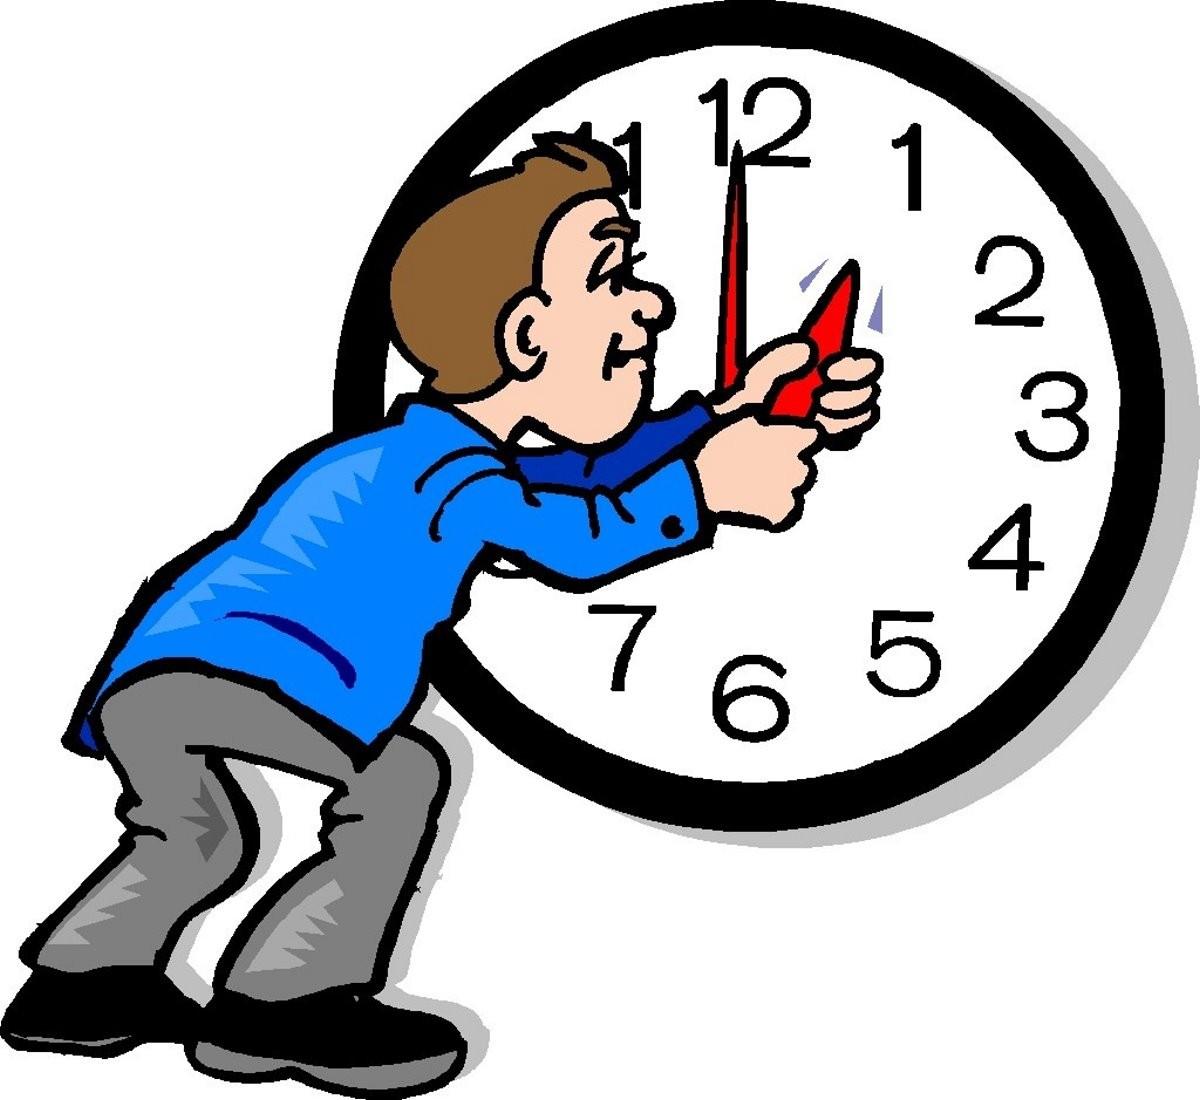 αλλαγή ώρας σε σκίτσο